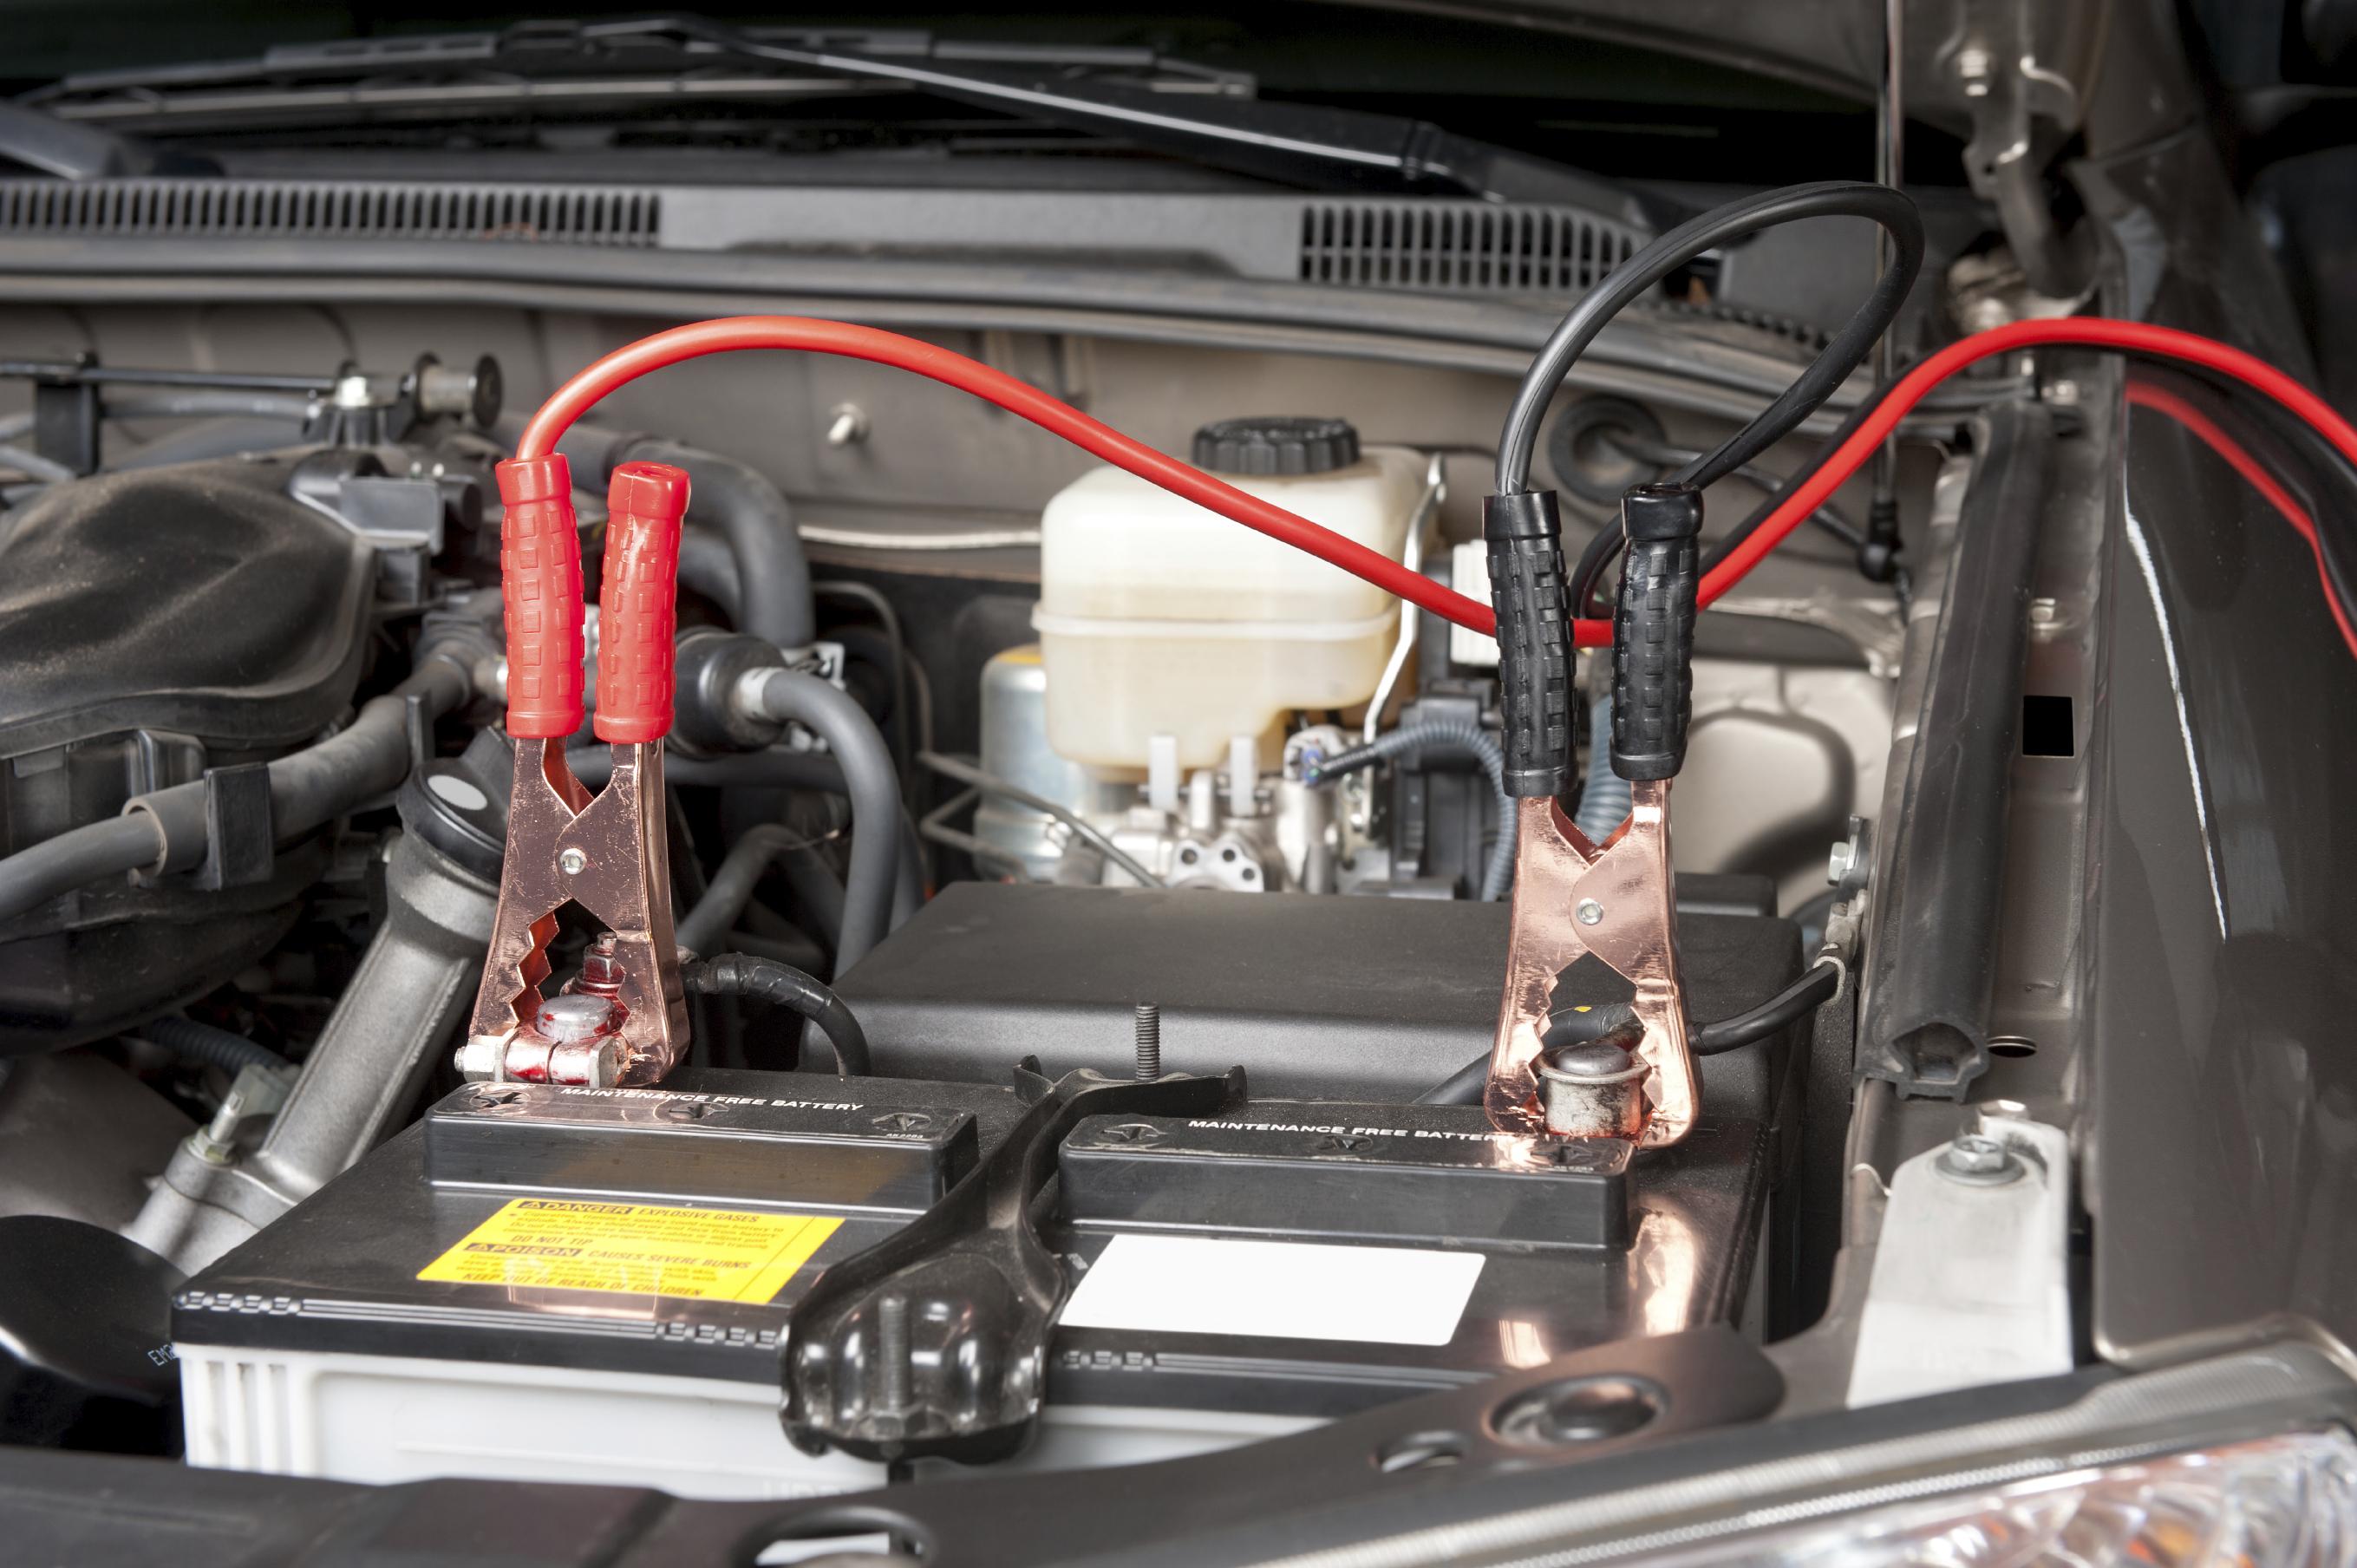 Ladda bilbatteri med startkablar